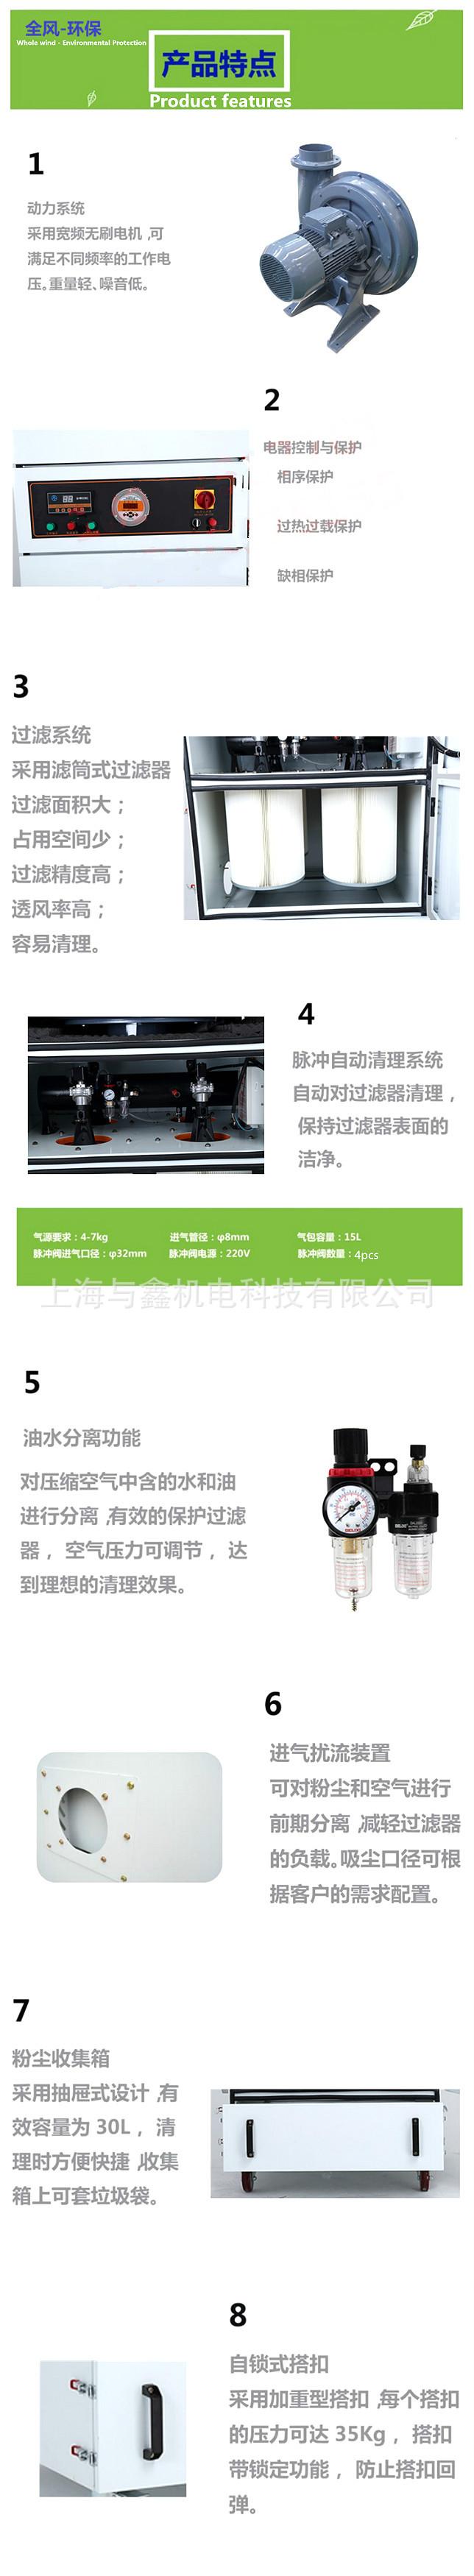 工业磨床粉尘吸尘器 打磨集尘器 磨床抛光除尘器 车间扬尘集尘机 大功率磨床吸尘器示例图10